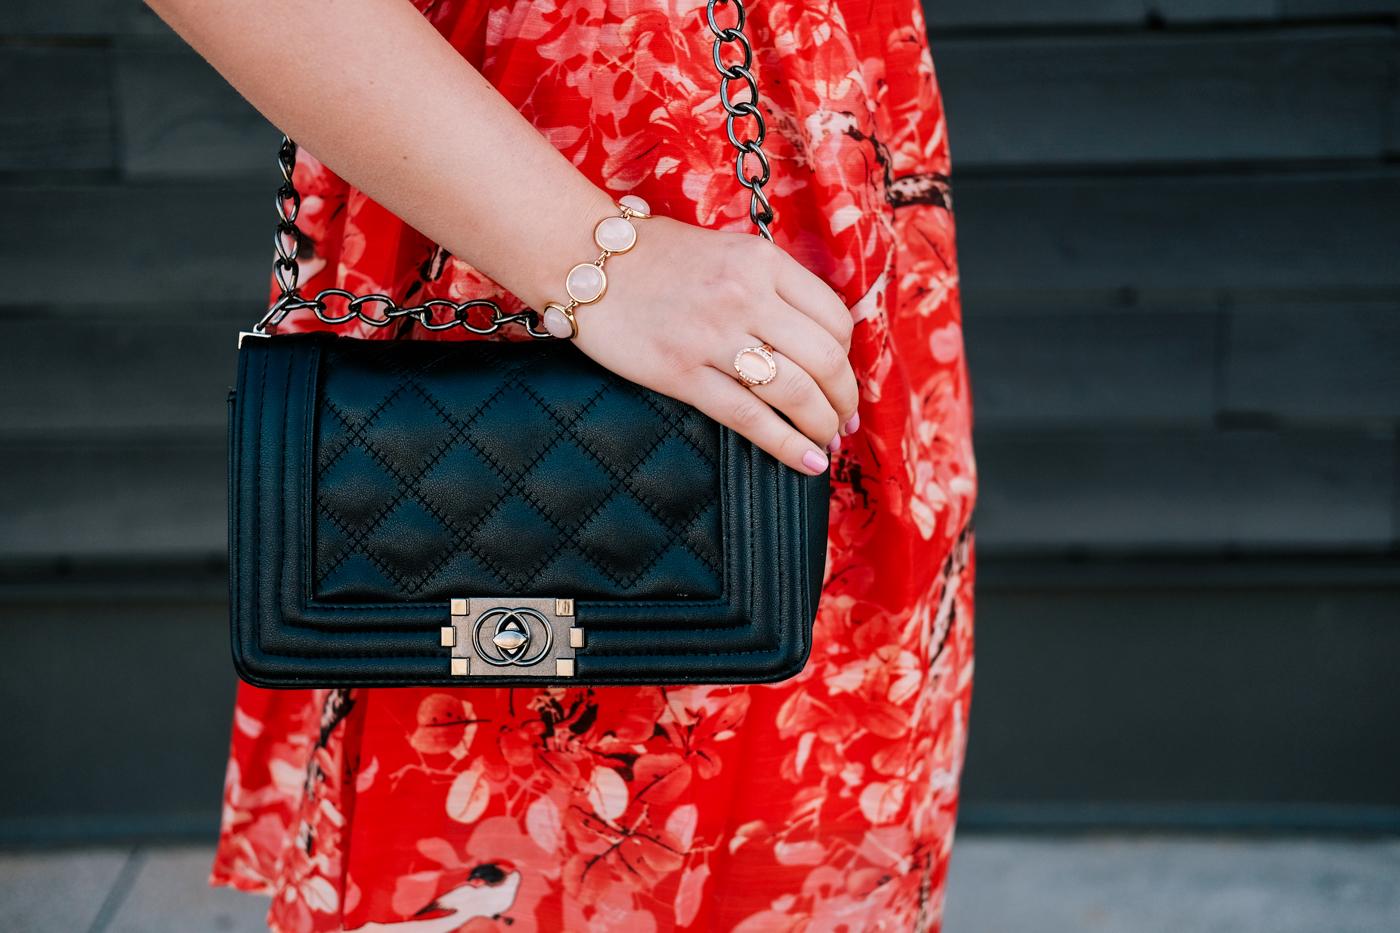 Debora Dahl, black handbag - bolsa preta